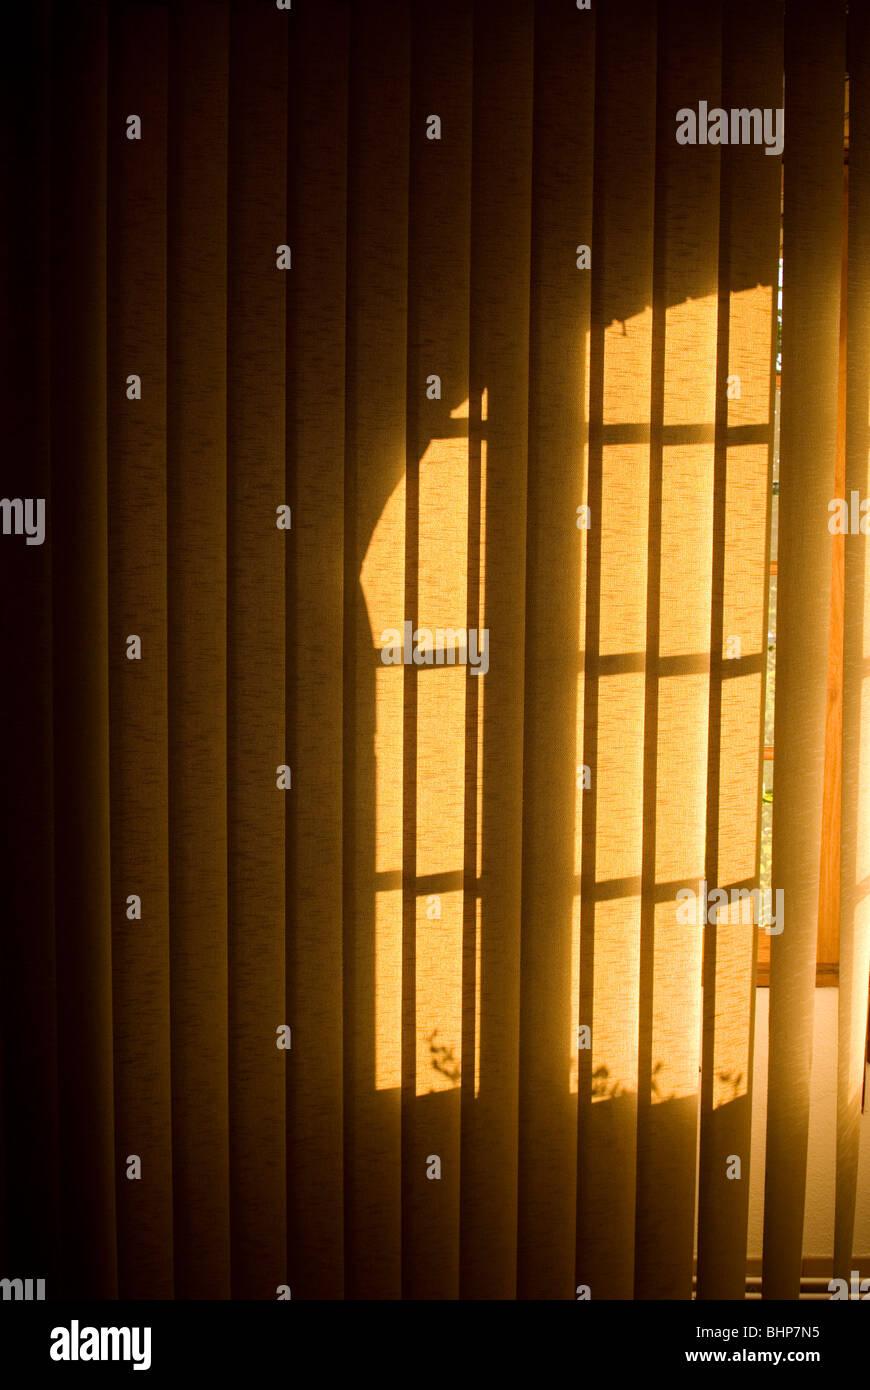 eine stimmungsvolle Bild von einem Fenster Schatten fallen auf vertikalen hängenden Jalousien Stockbild